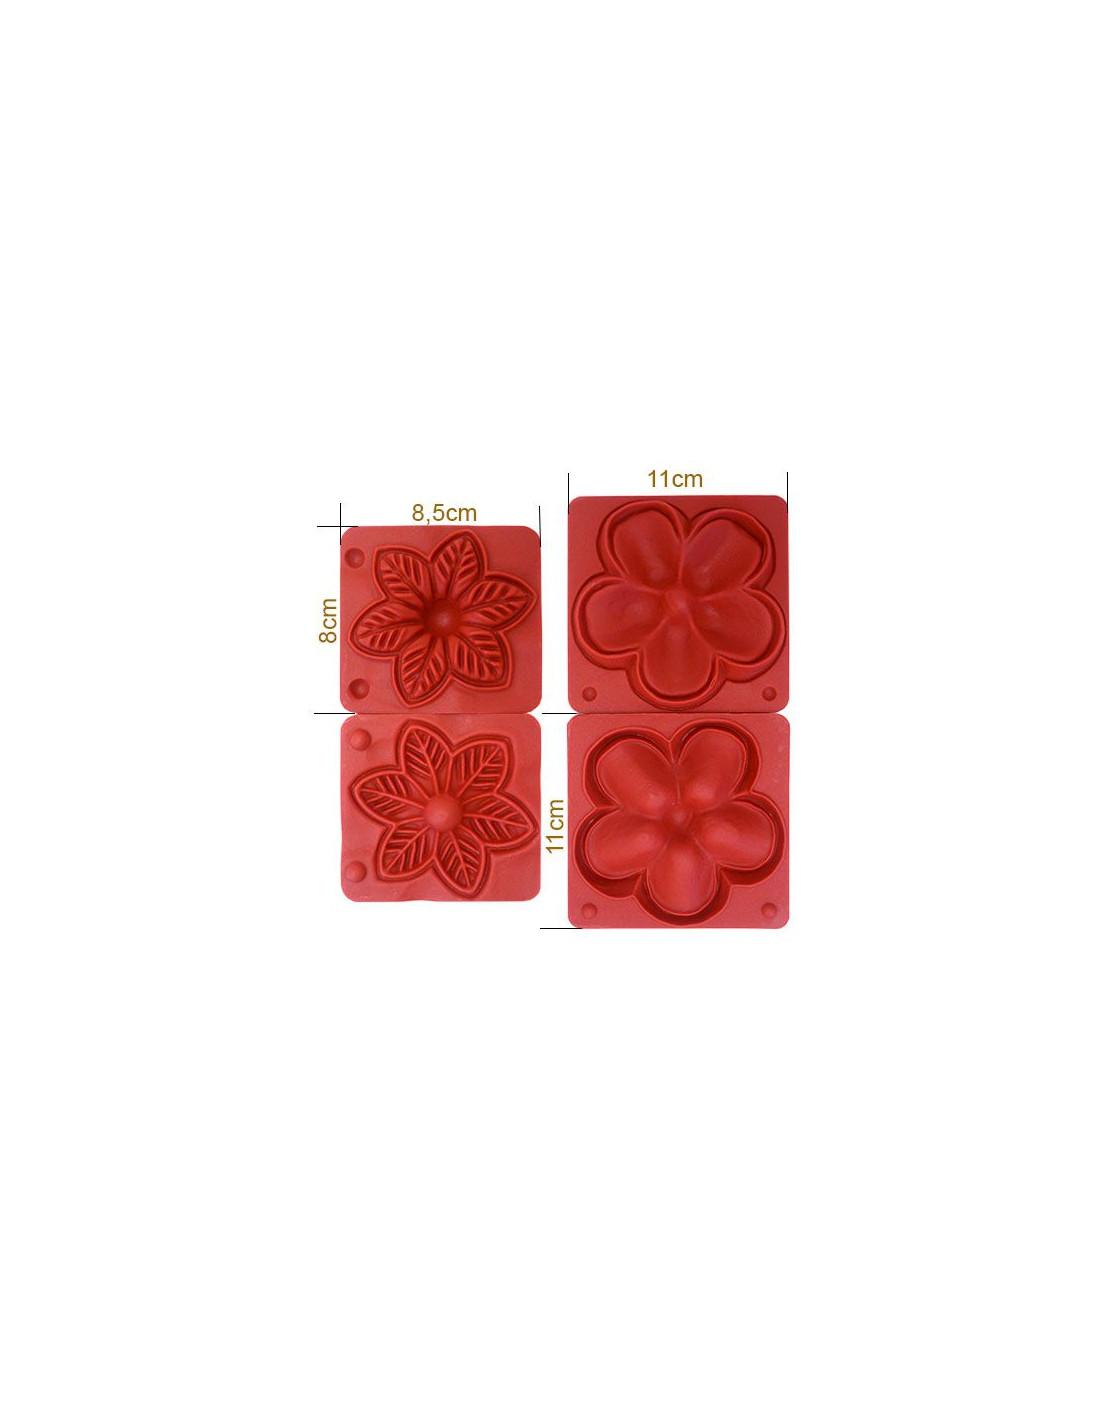 Stampo Stella Di Natale.Stampo Per Fommy Stella Di Natale Sta008